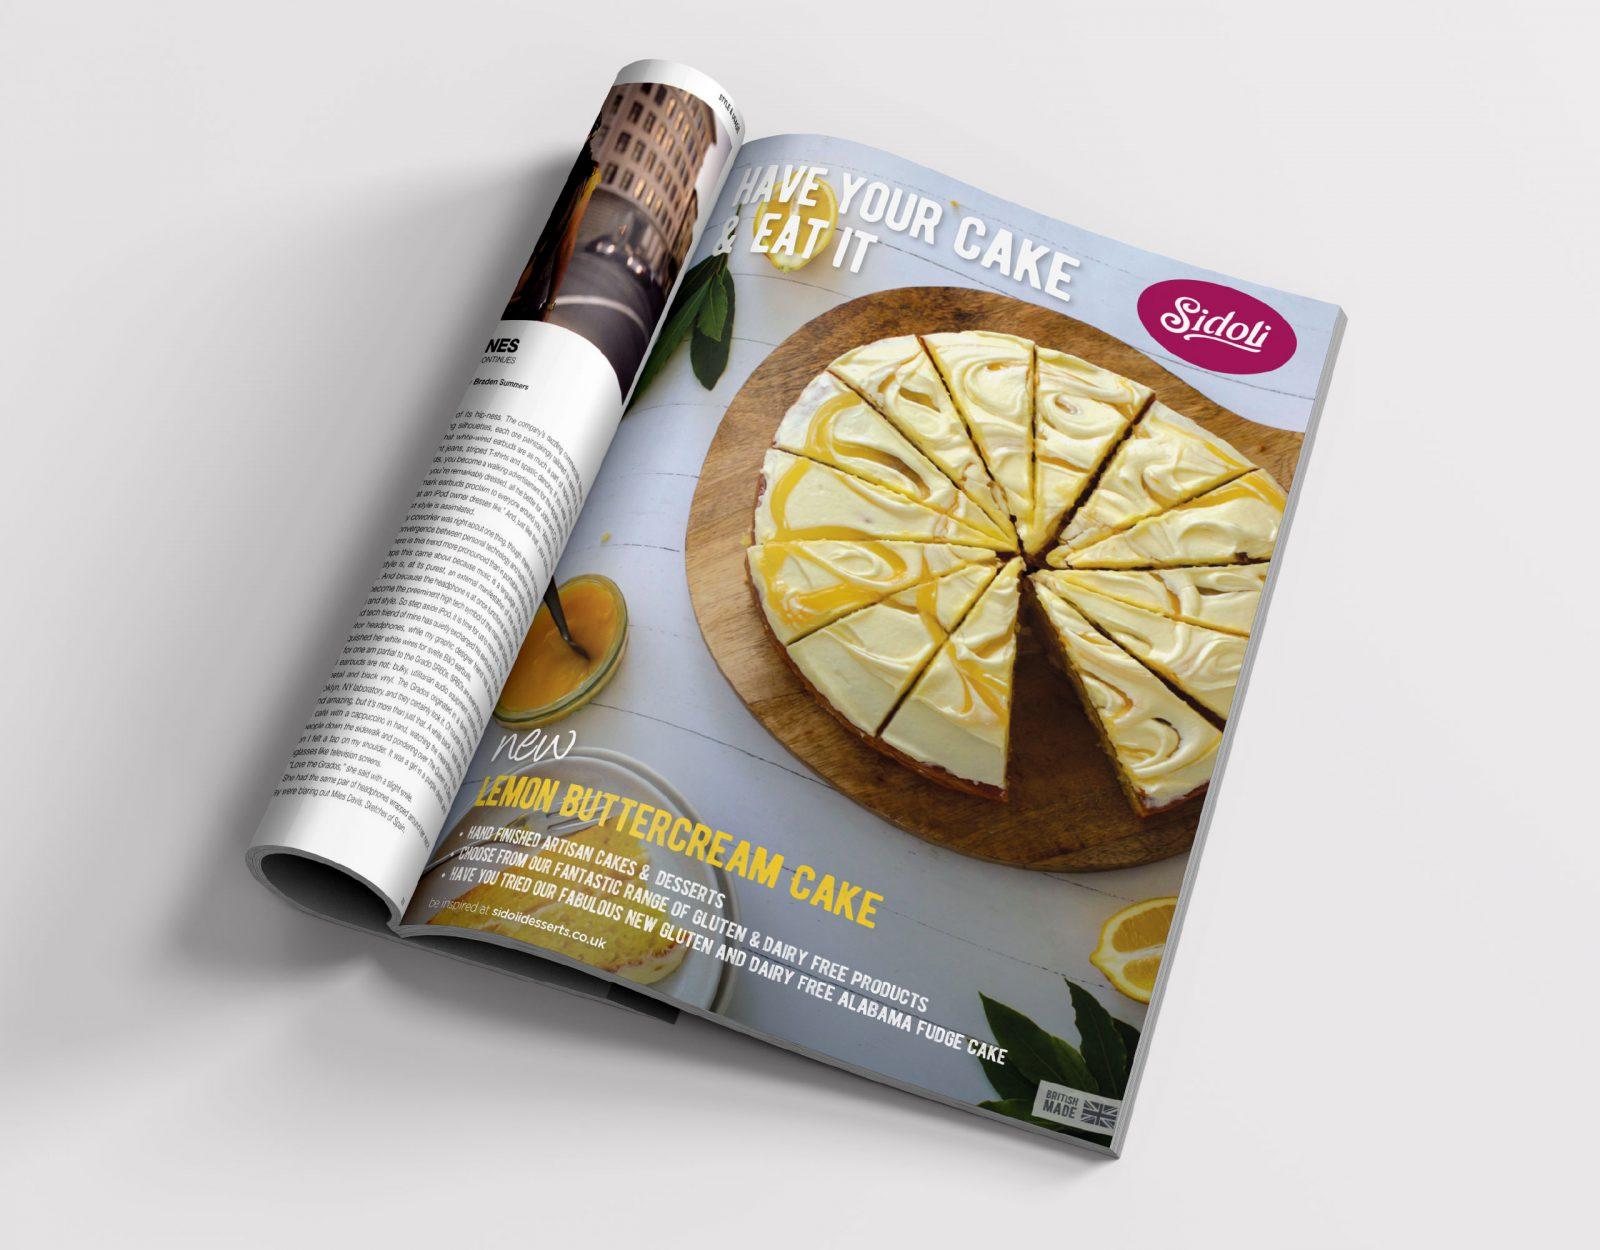 Sidoli magazine advert